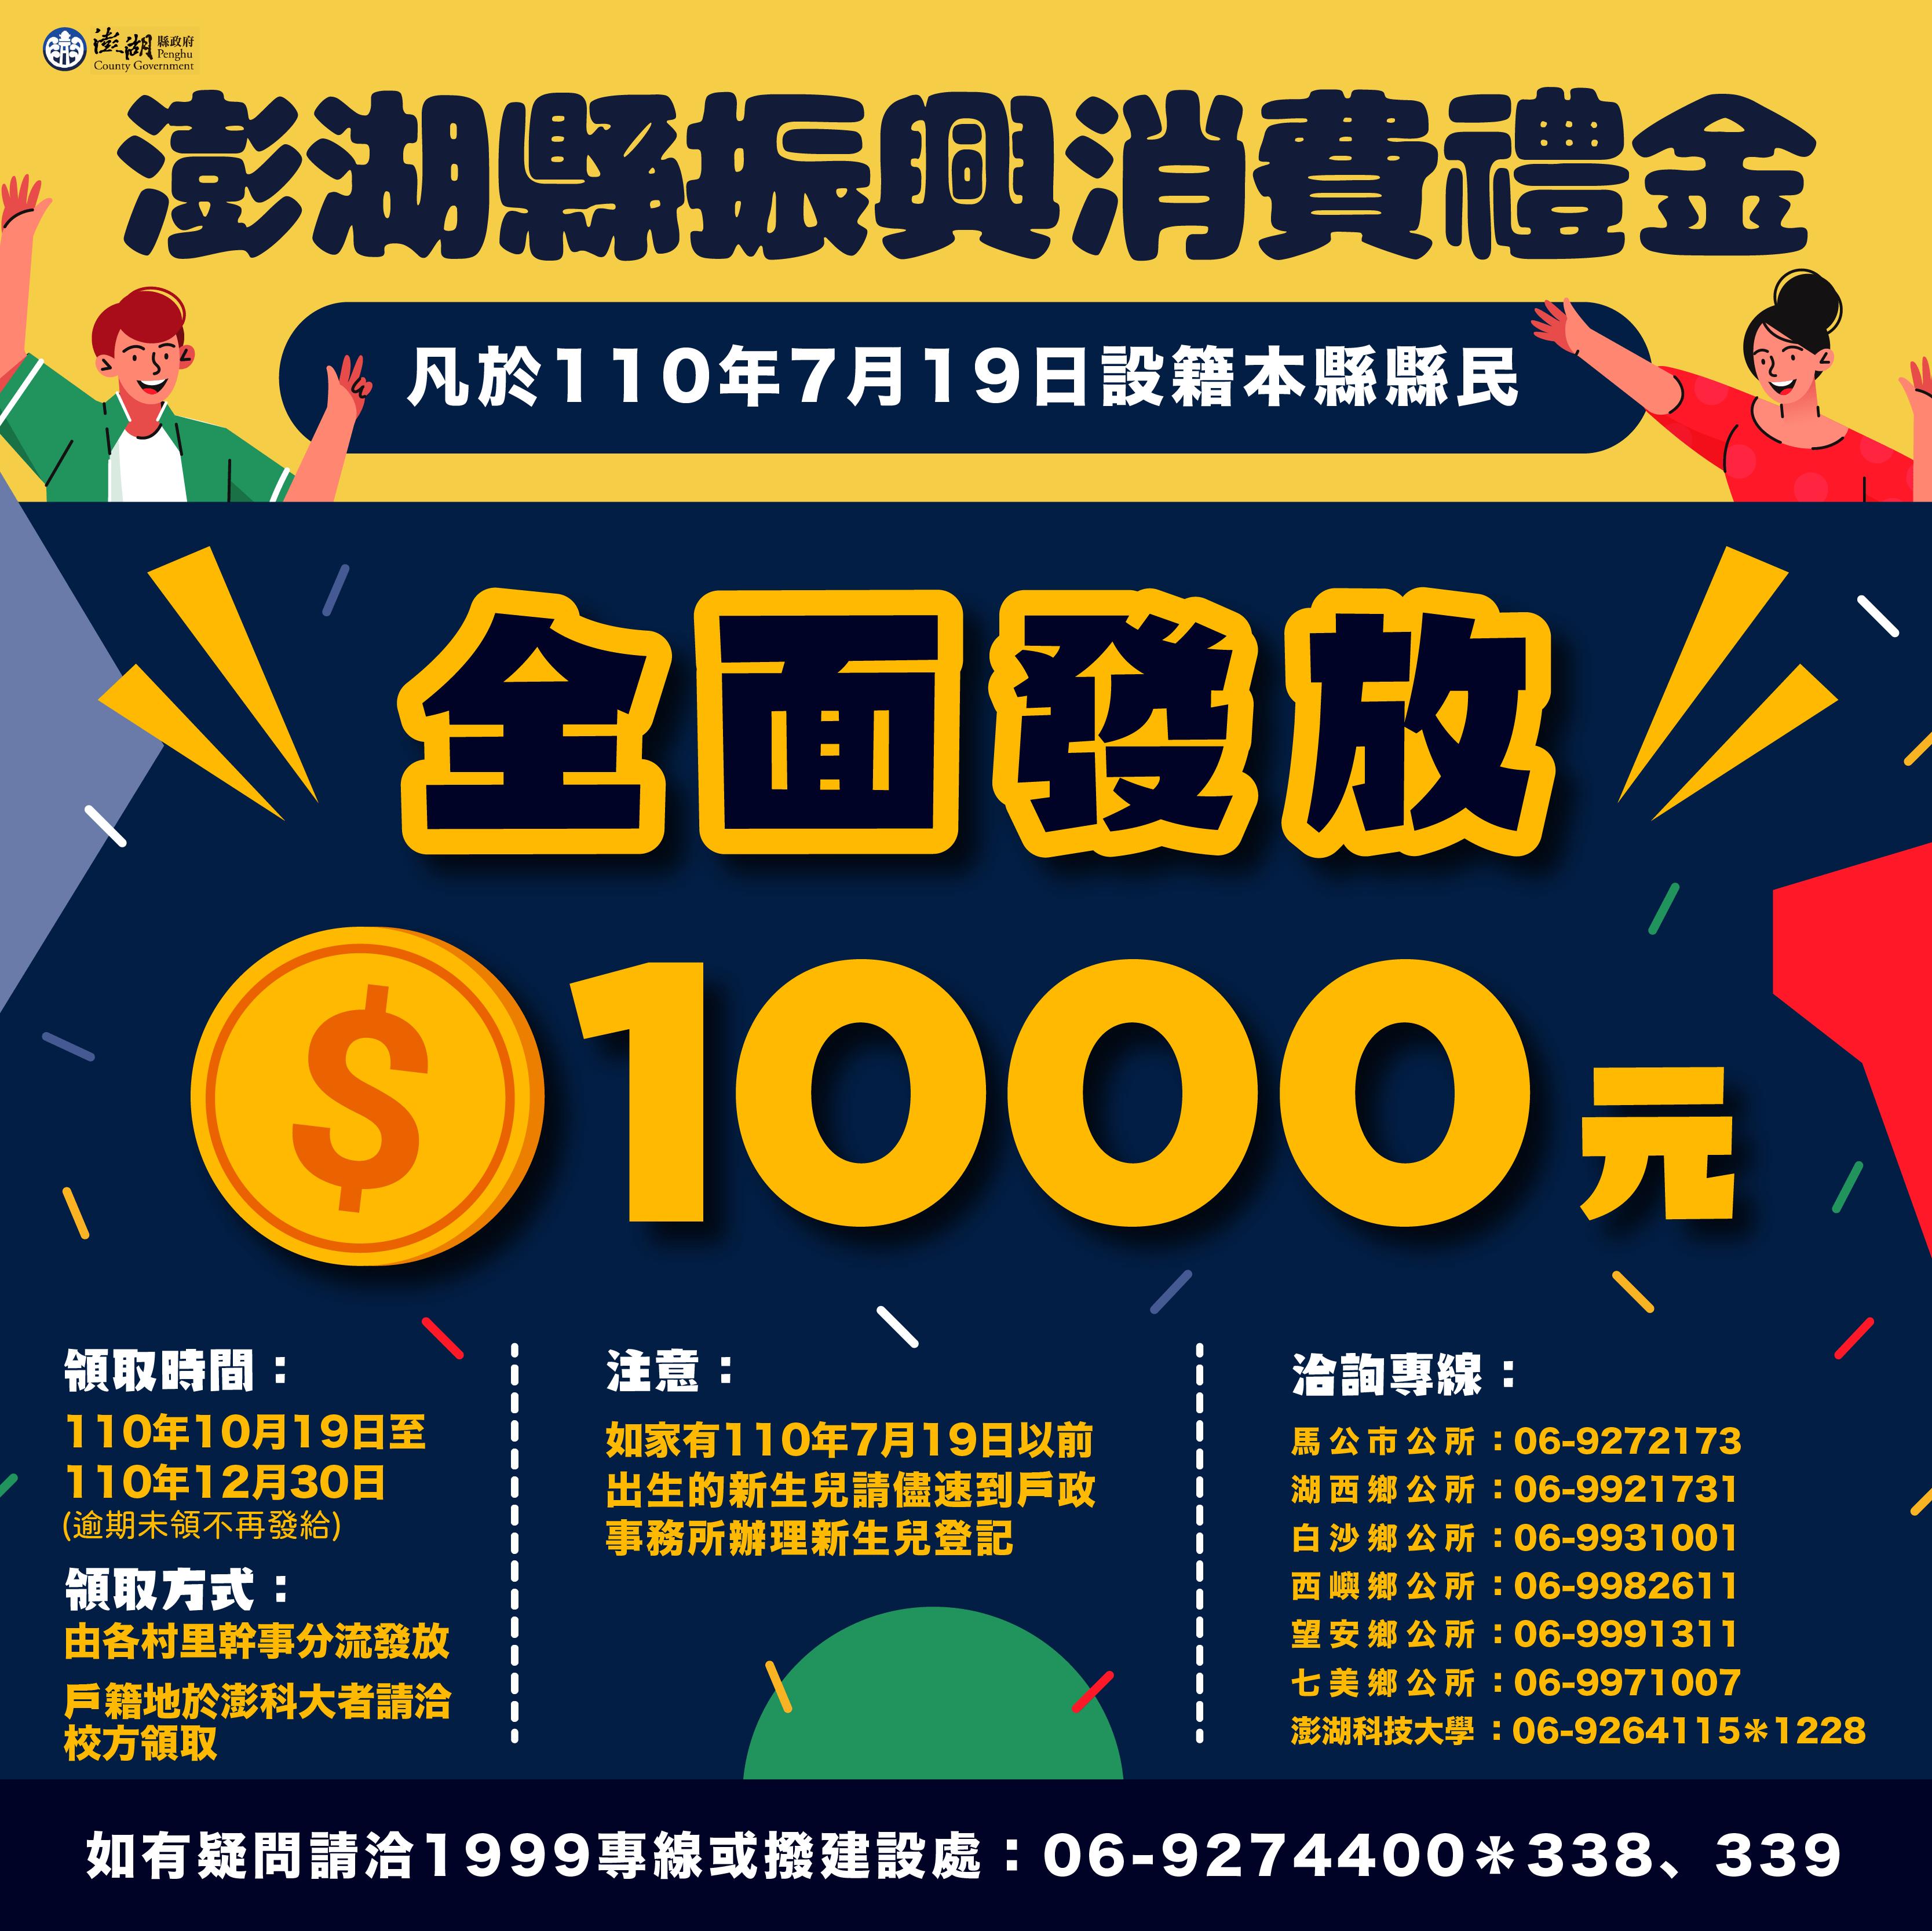 澎湖縣振興經濟消費禮金